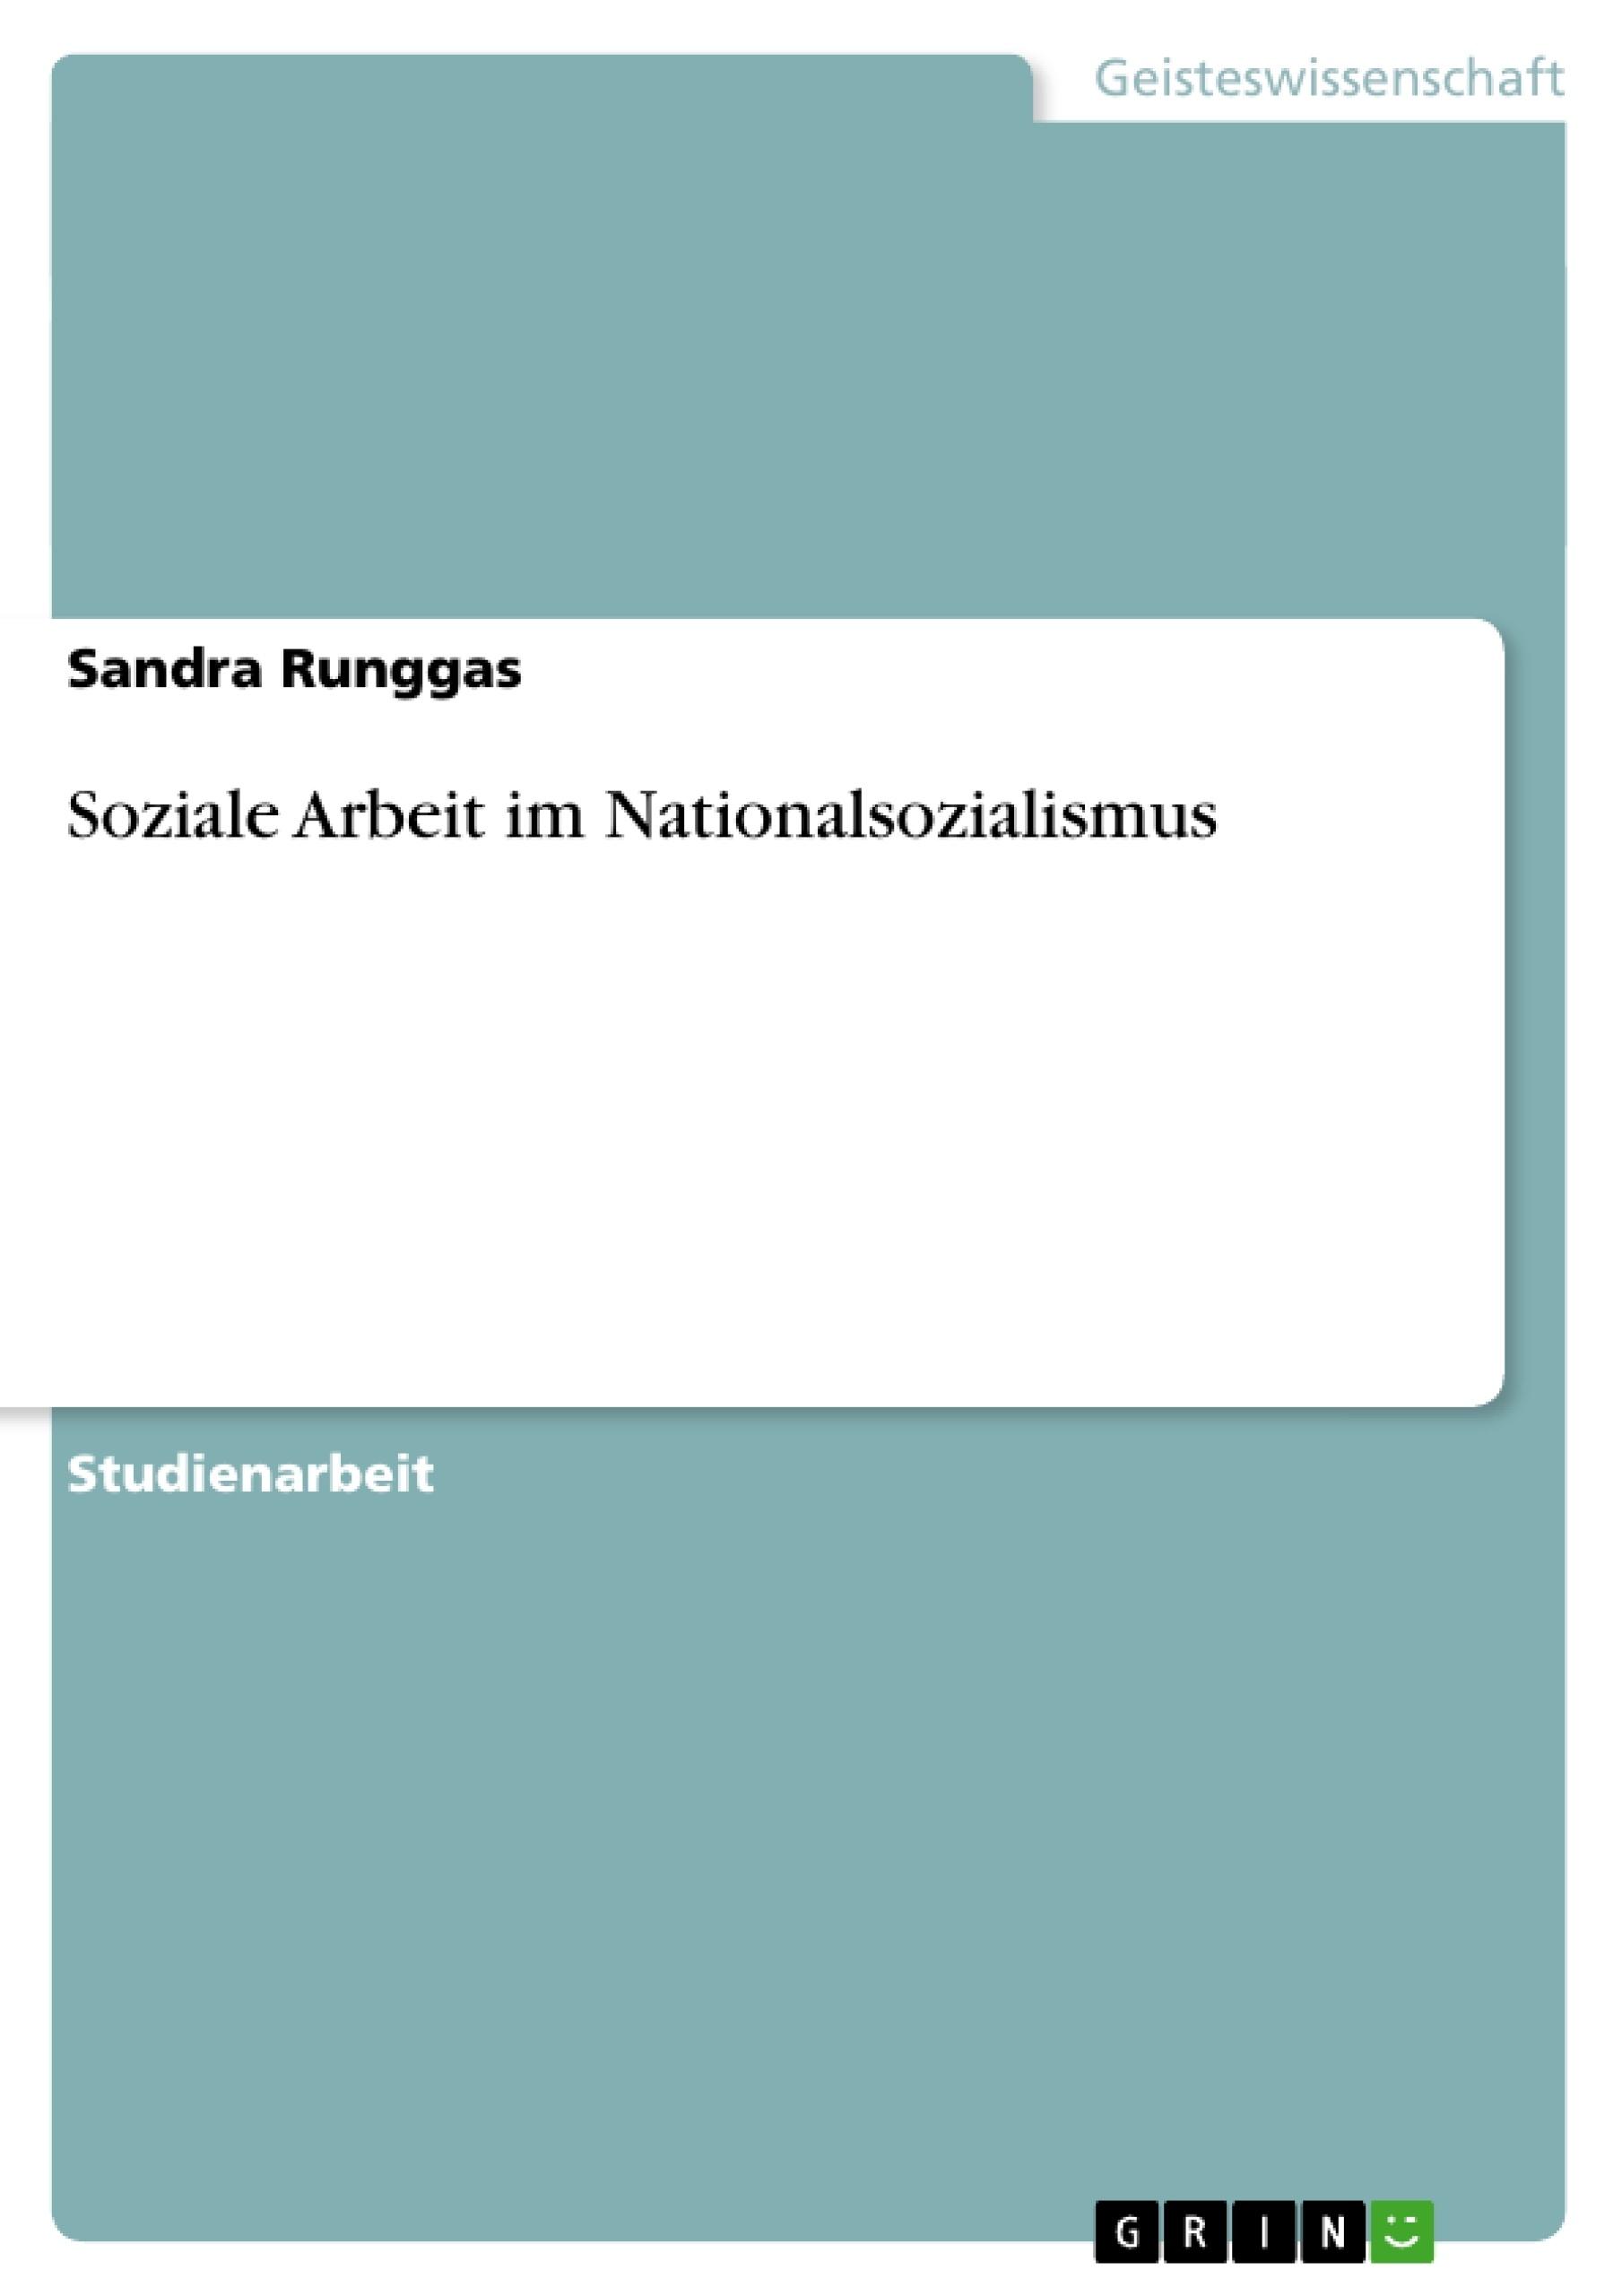 Titel: Soziale Arbeit im Nationalsozialismus